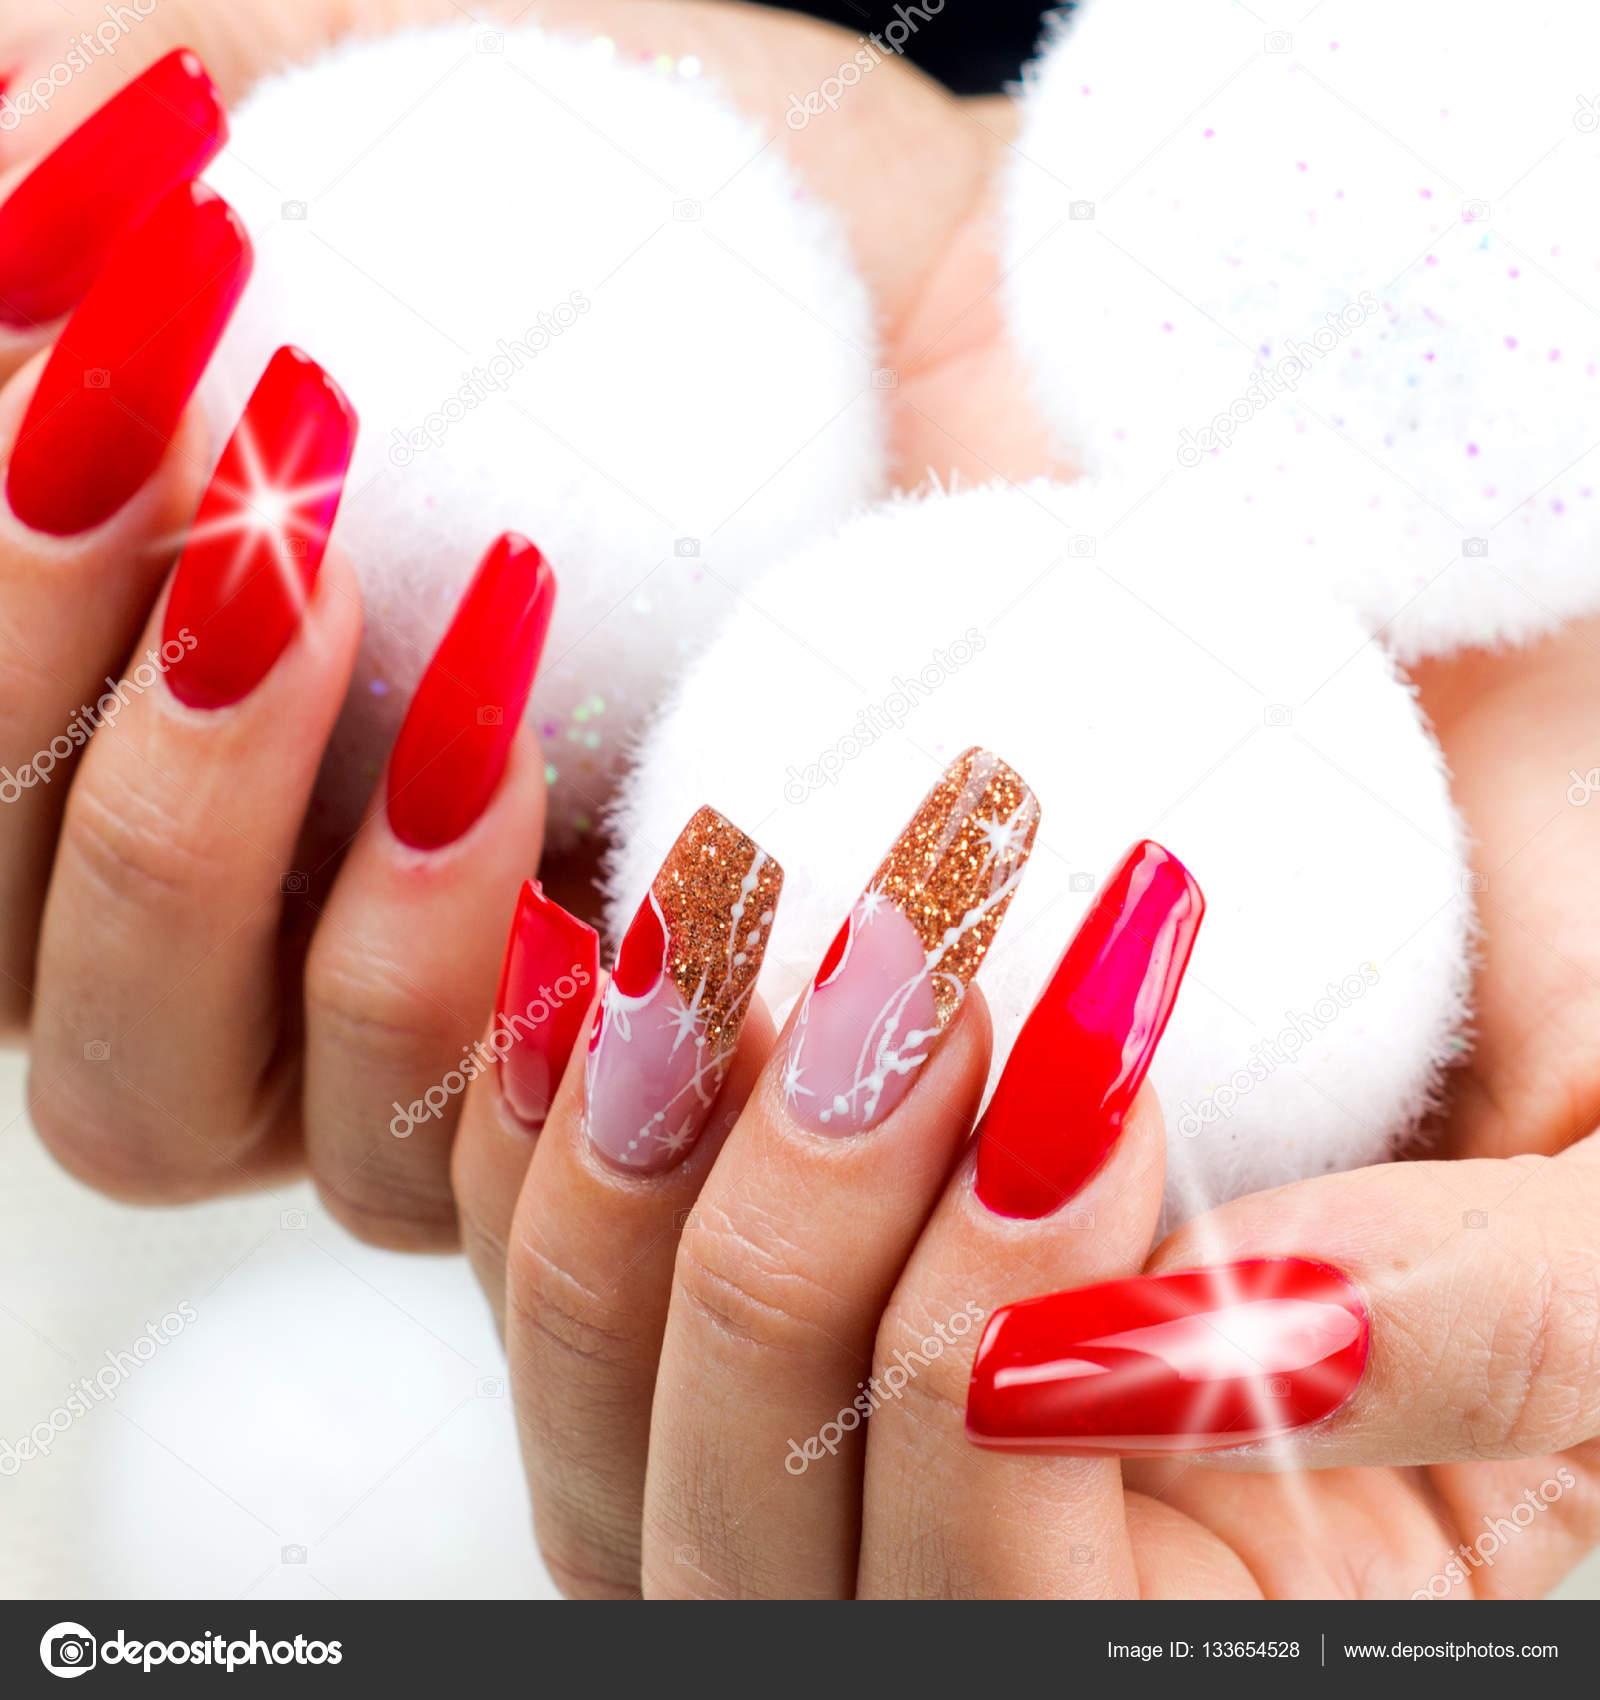 Unas Rojas Decoradas Para Su Navidad Fantastica Fotos De Stock